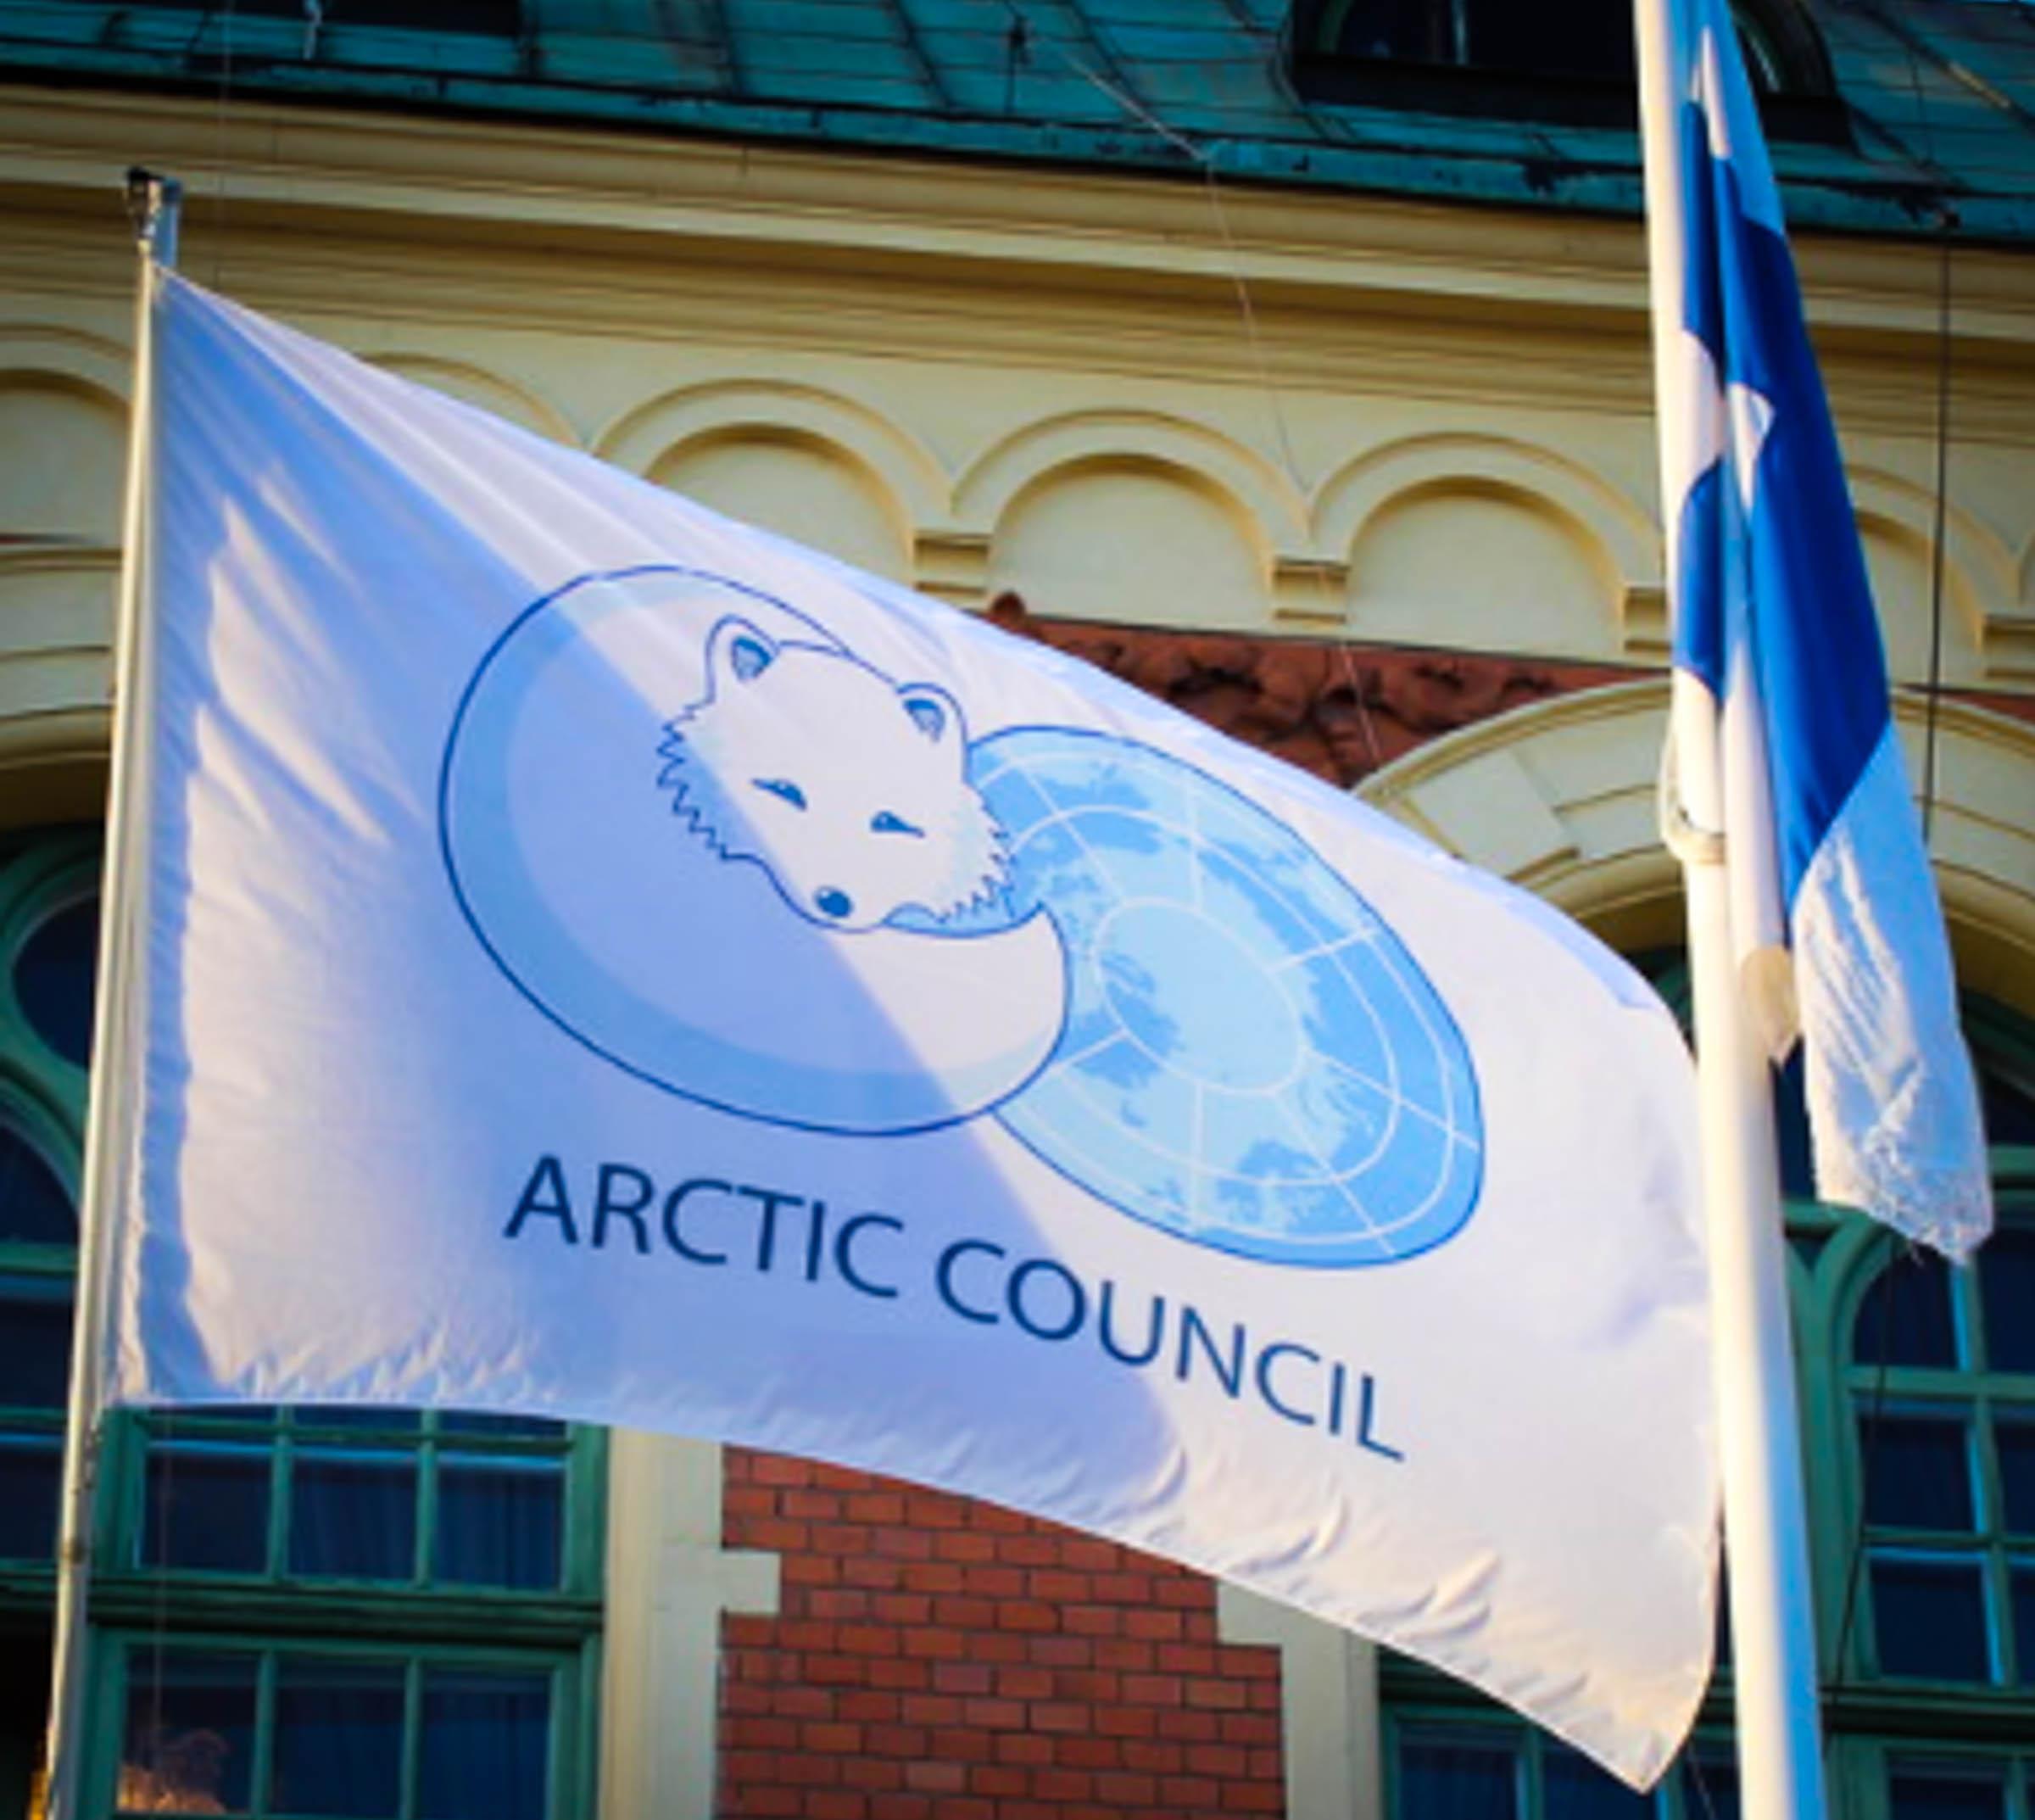 Arctic Council Finland JONAA ©Linnea Nordström-07.jpg